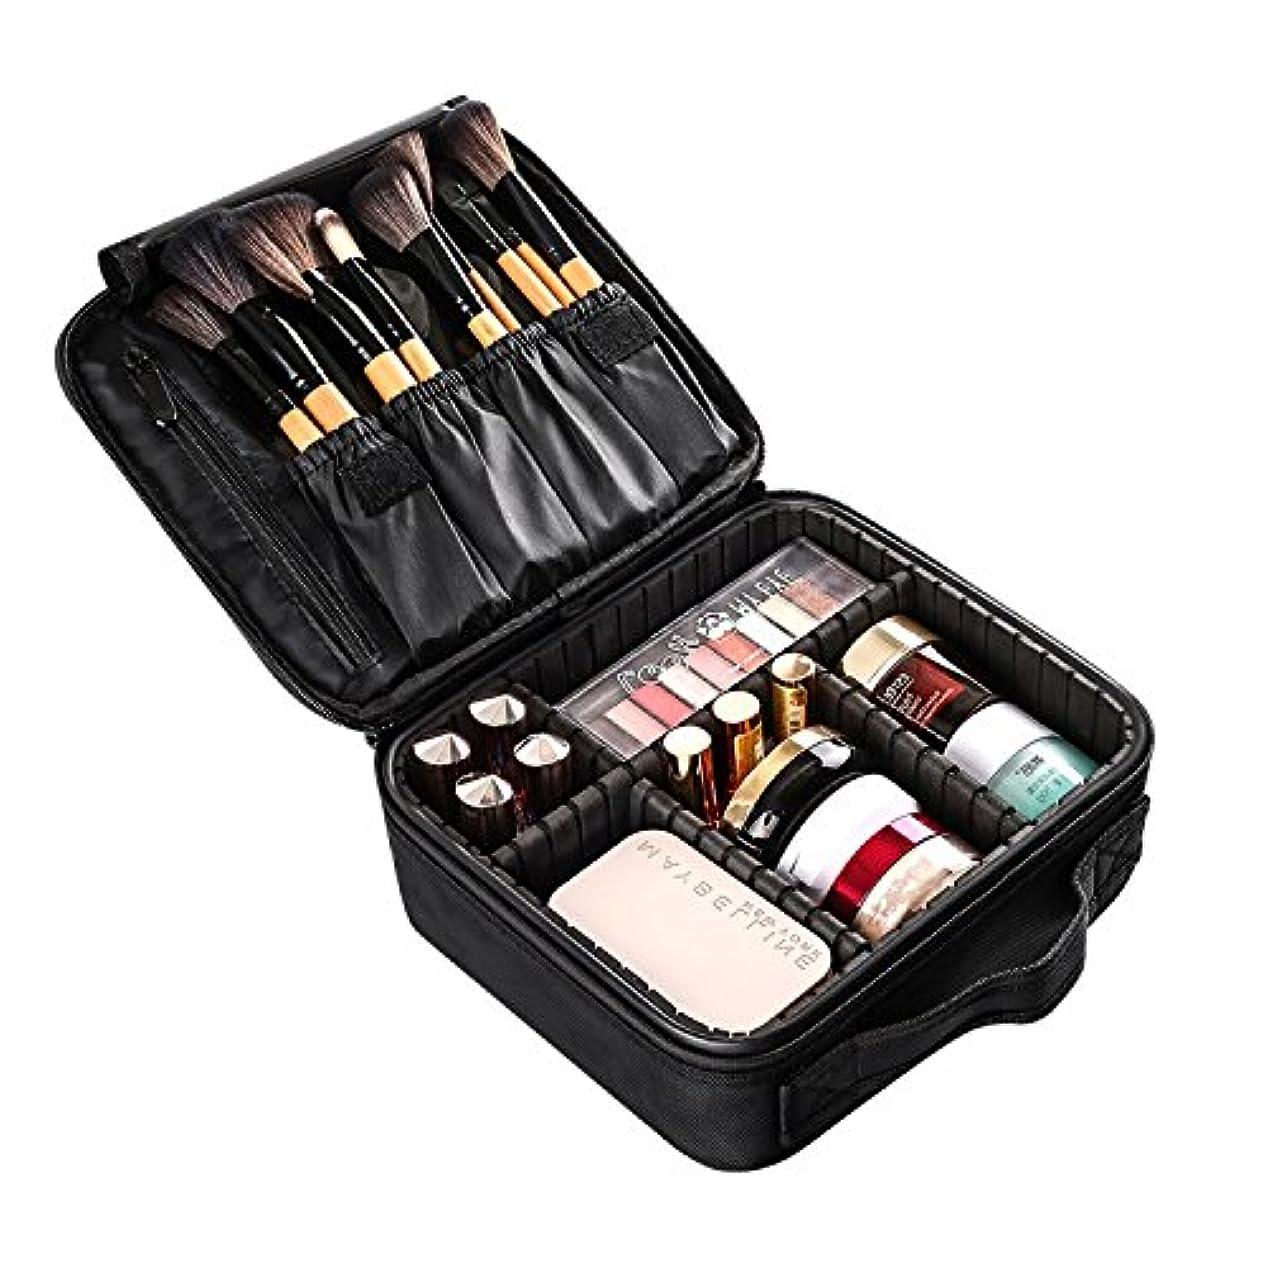 見通し変装した分類するELOKI プロ用 メイクボックス 高品質 收納抜群 大容量 化粧バッグ 置き方が調整できる 旅行 家用に大活躍な化粧箱